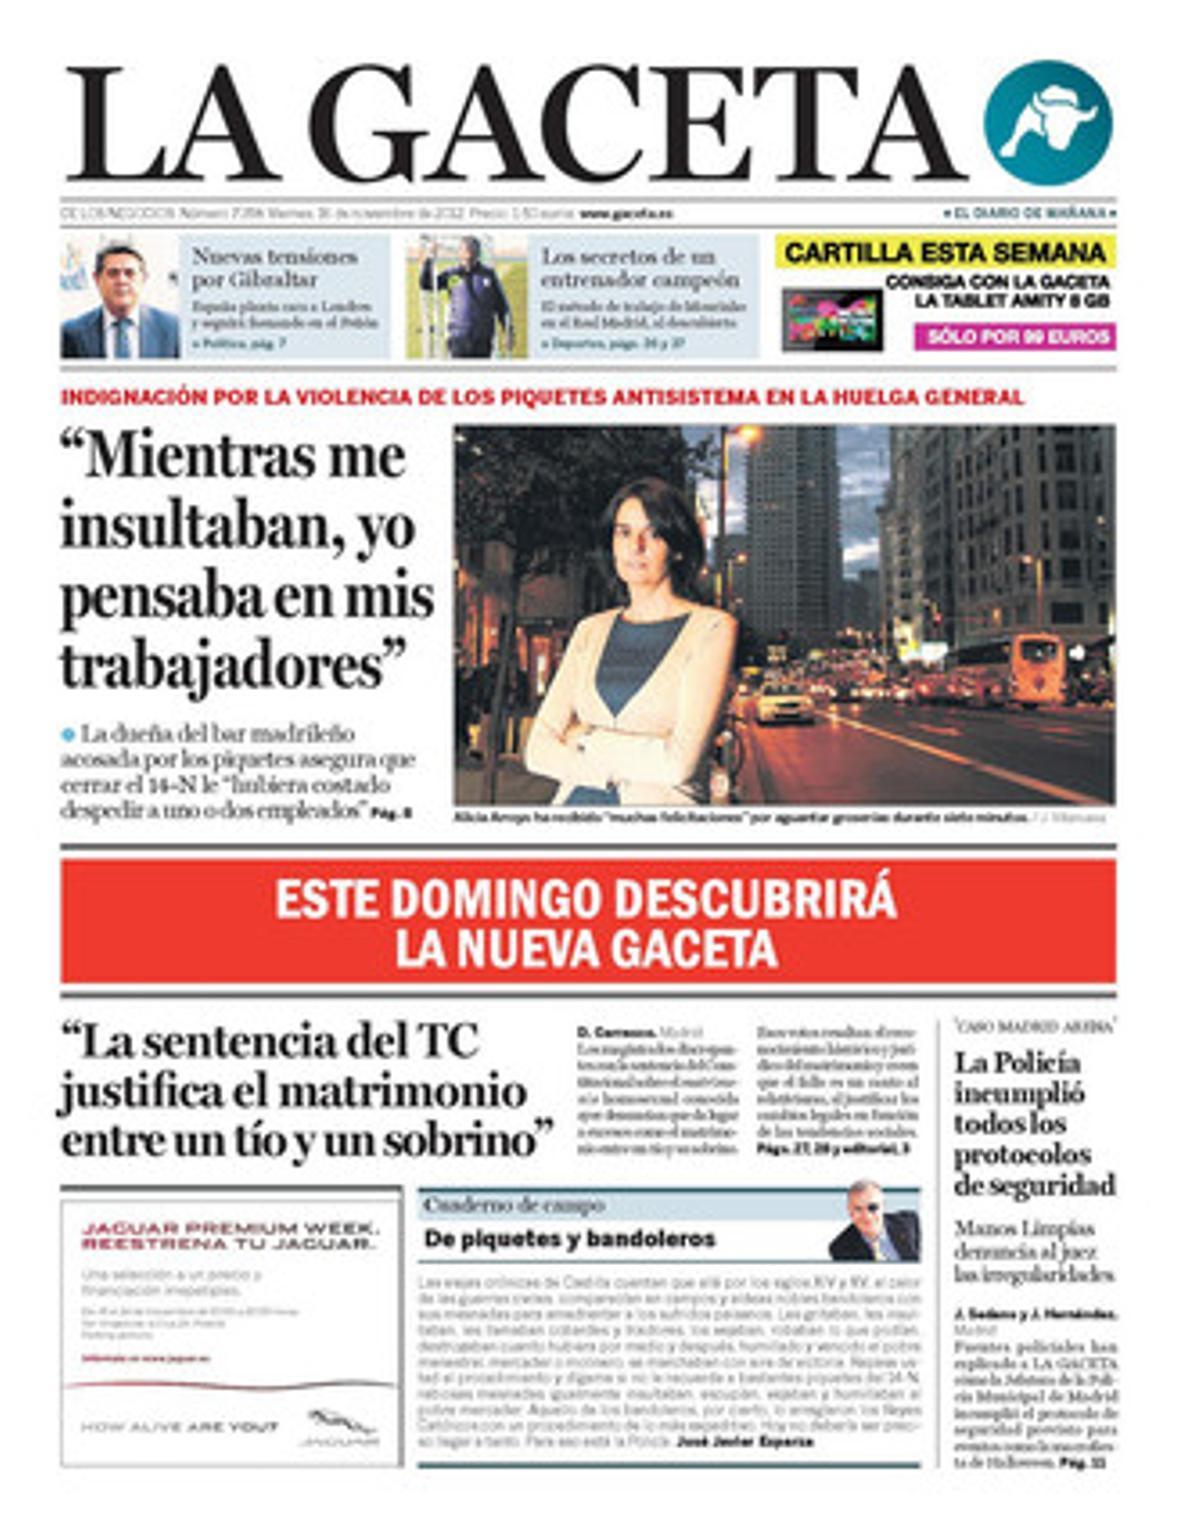 La Gaceta, 16-11-2012.